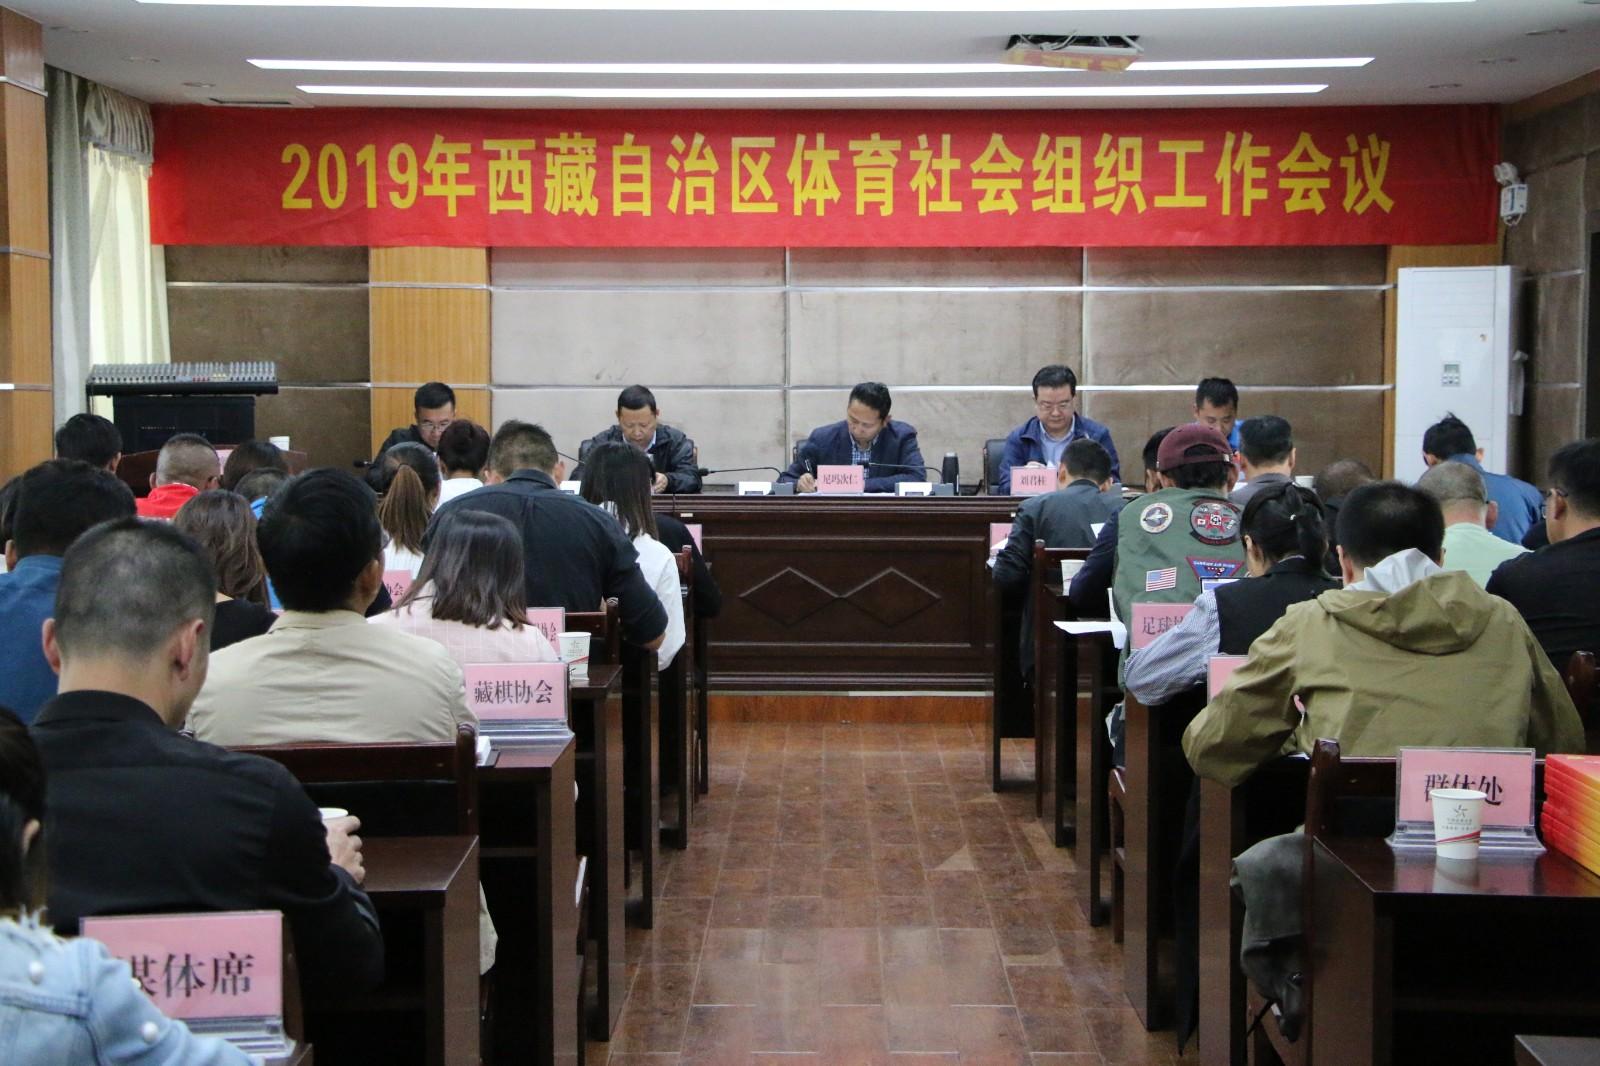 西藏自治區召開2019年體育社會組織工作會議